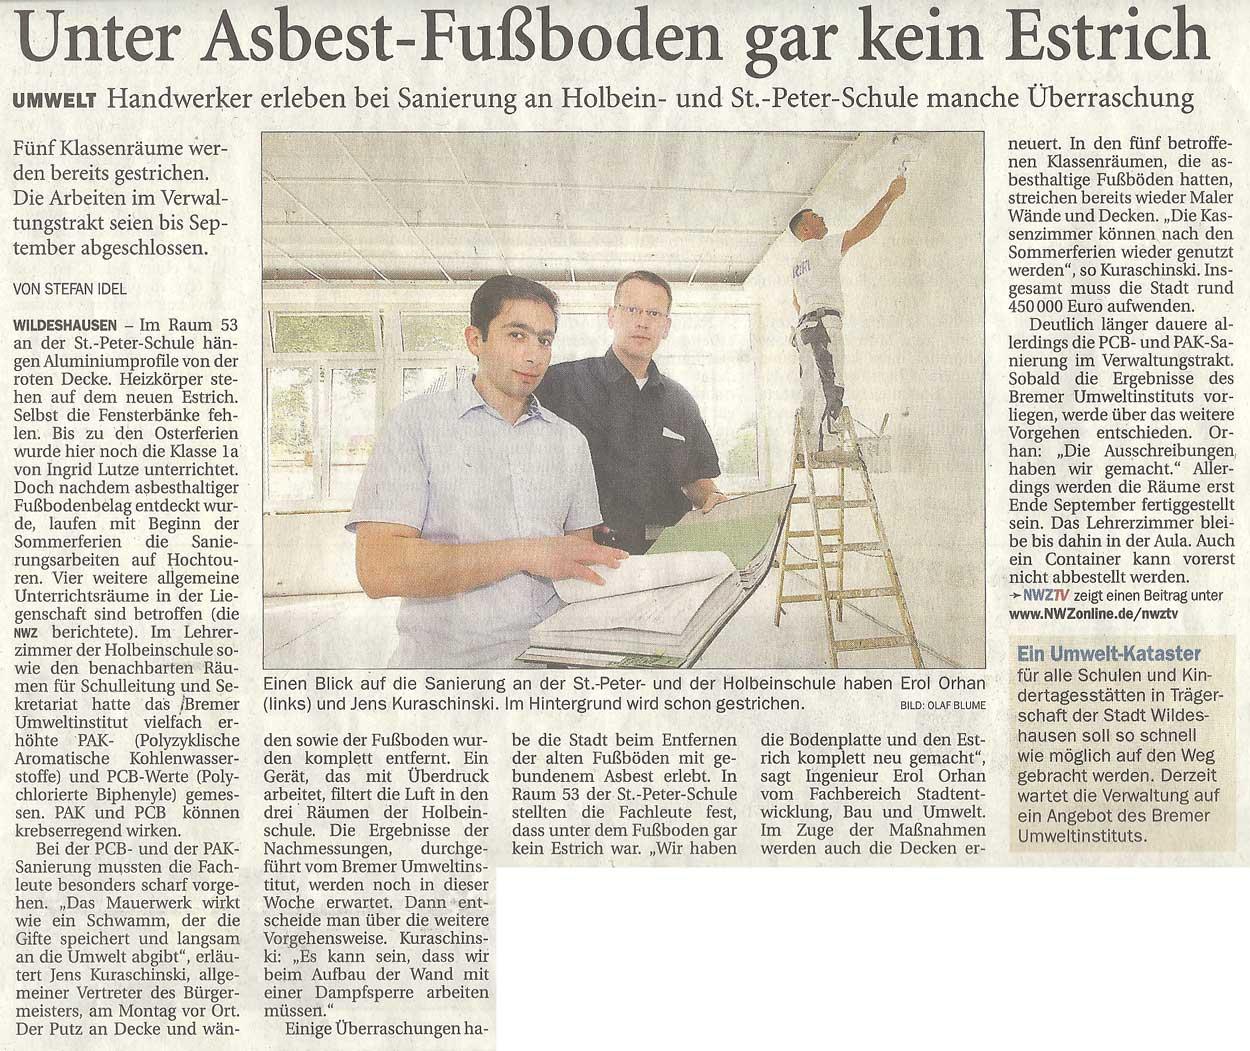 Unter Asbest-Fußboden gar kein EstrichUmwelt: Handwerker erleben bei Sanierung an Holbein- und St.-Peter-Schule manche ÜberraschungArtikel vom 24.07.2012 (NWZ)